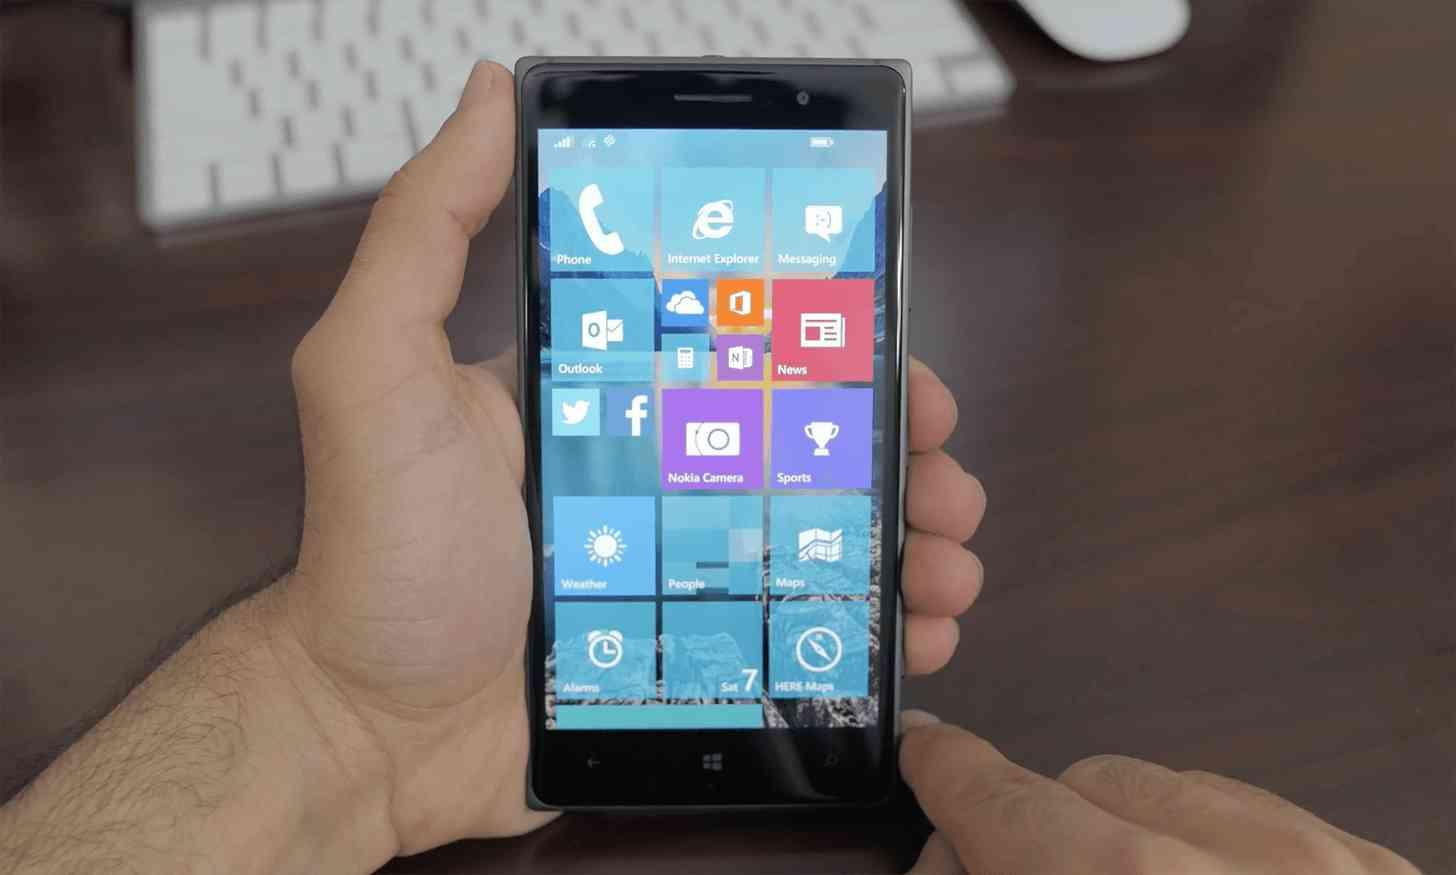 Windows 10 for phones Lumia 830